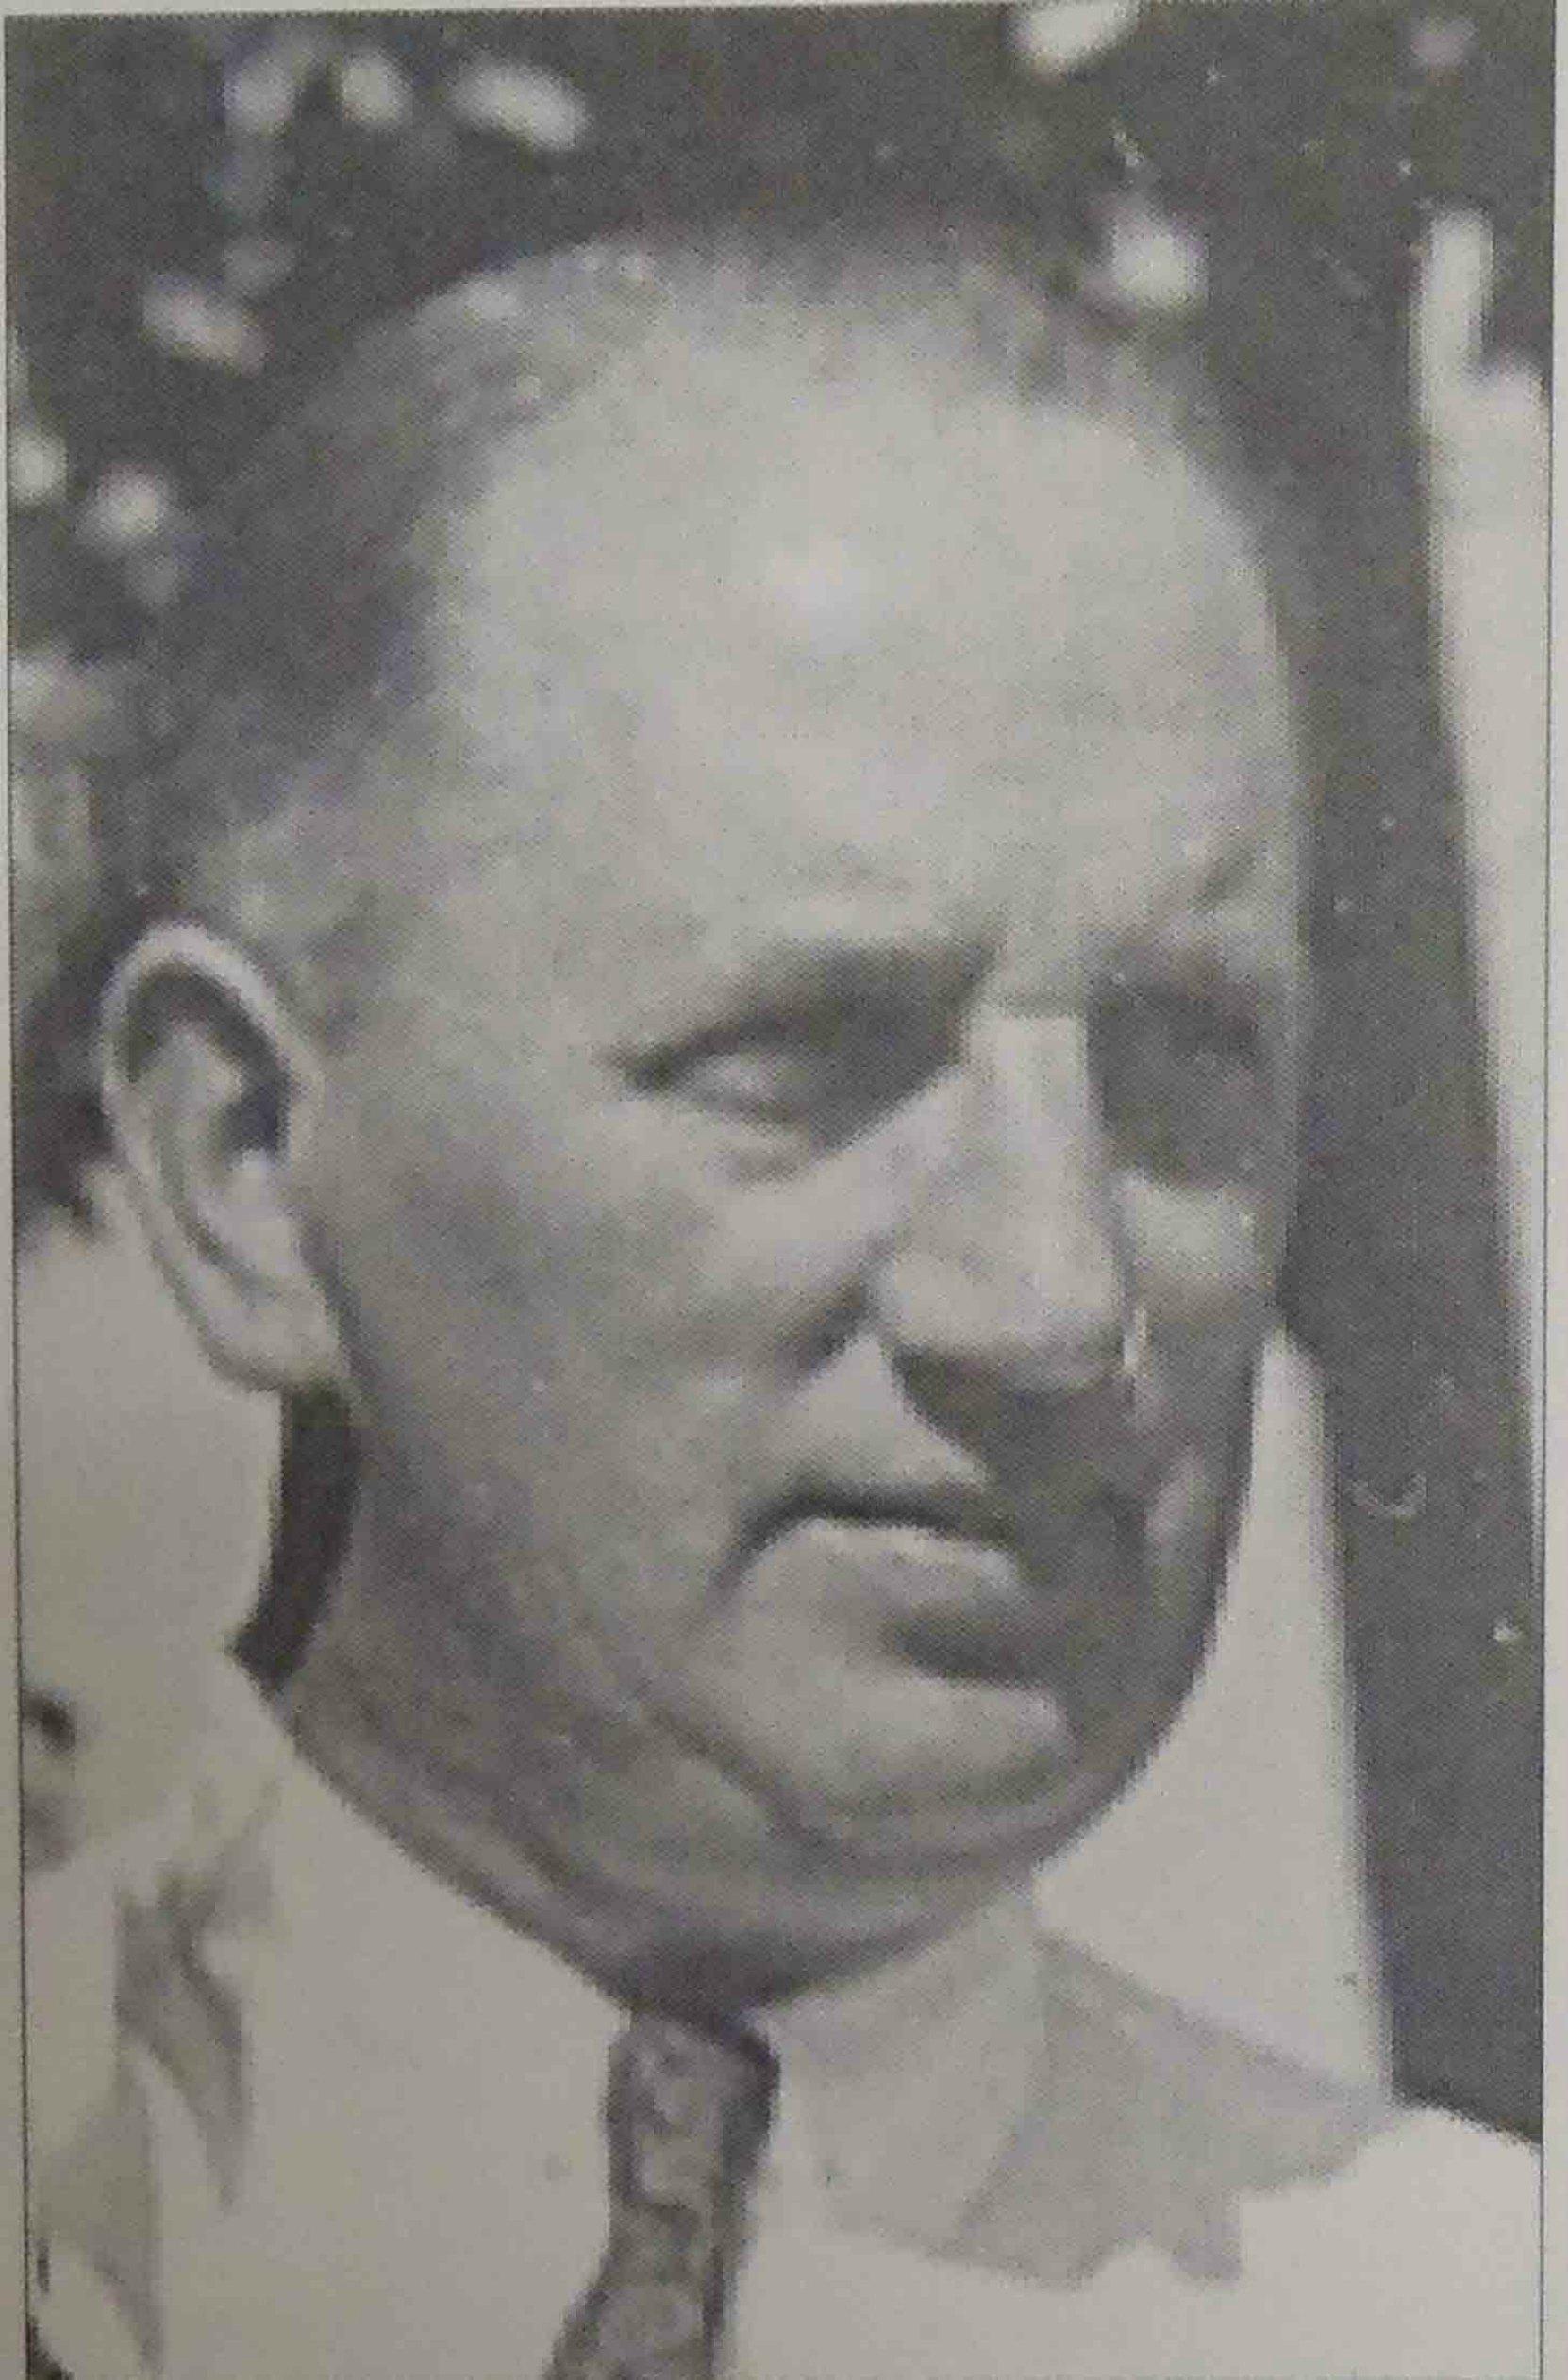 William Bruce Powel